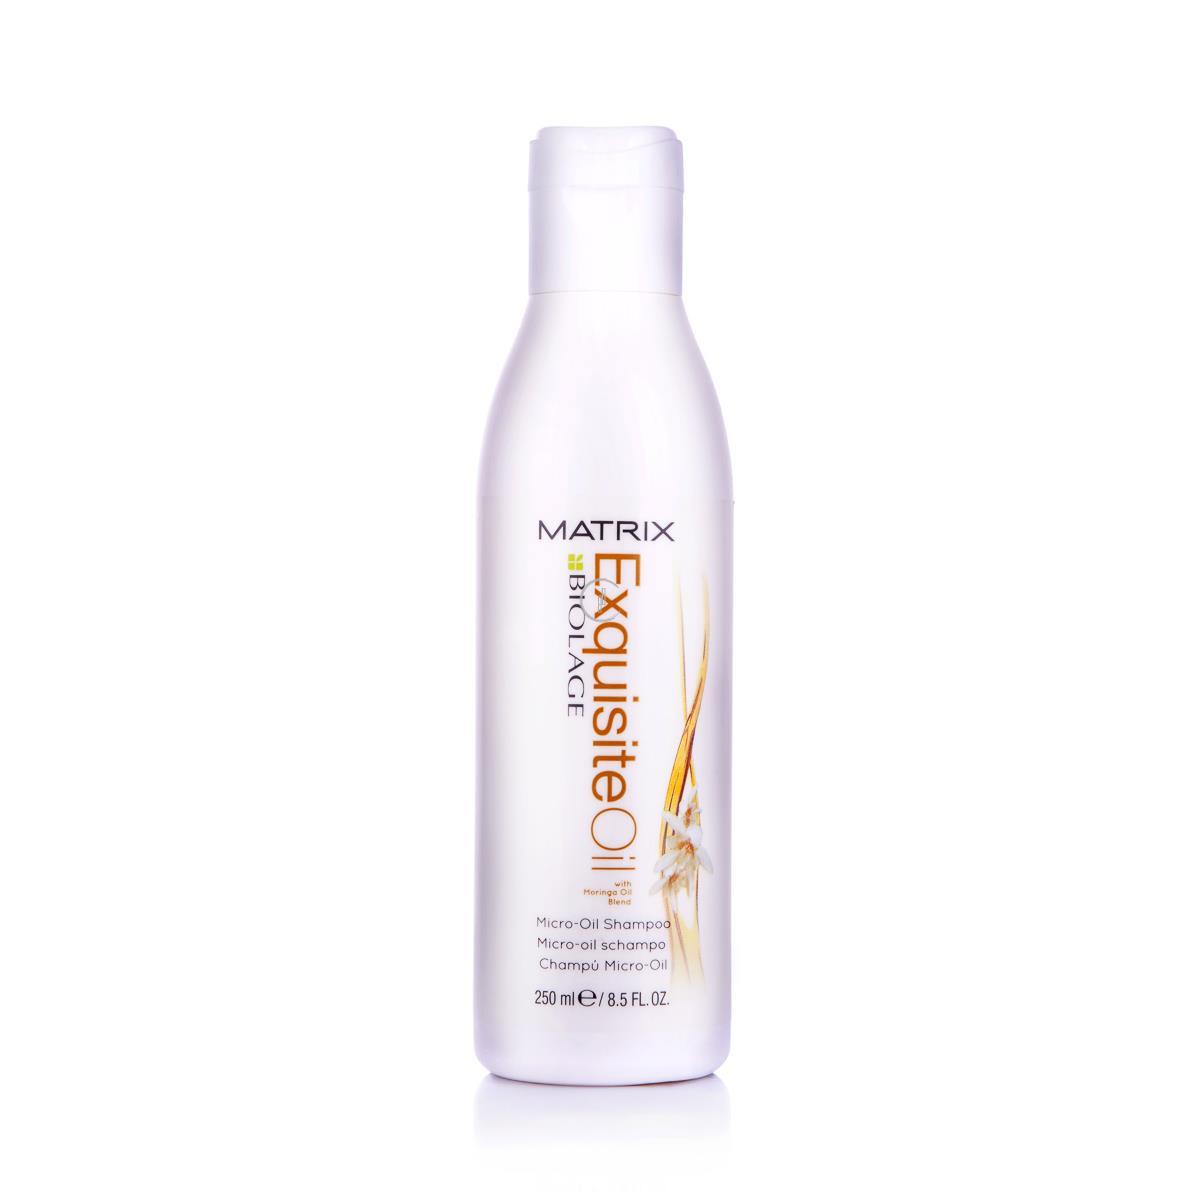 BIOLAGE Exquisite Oil Shampoo 250ml - Szampon na bazie olejków orientalnych